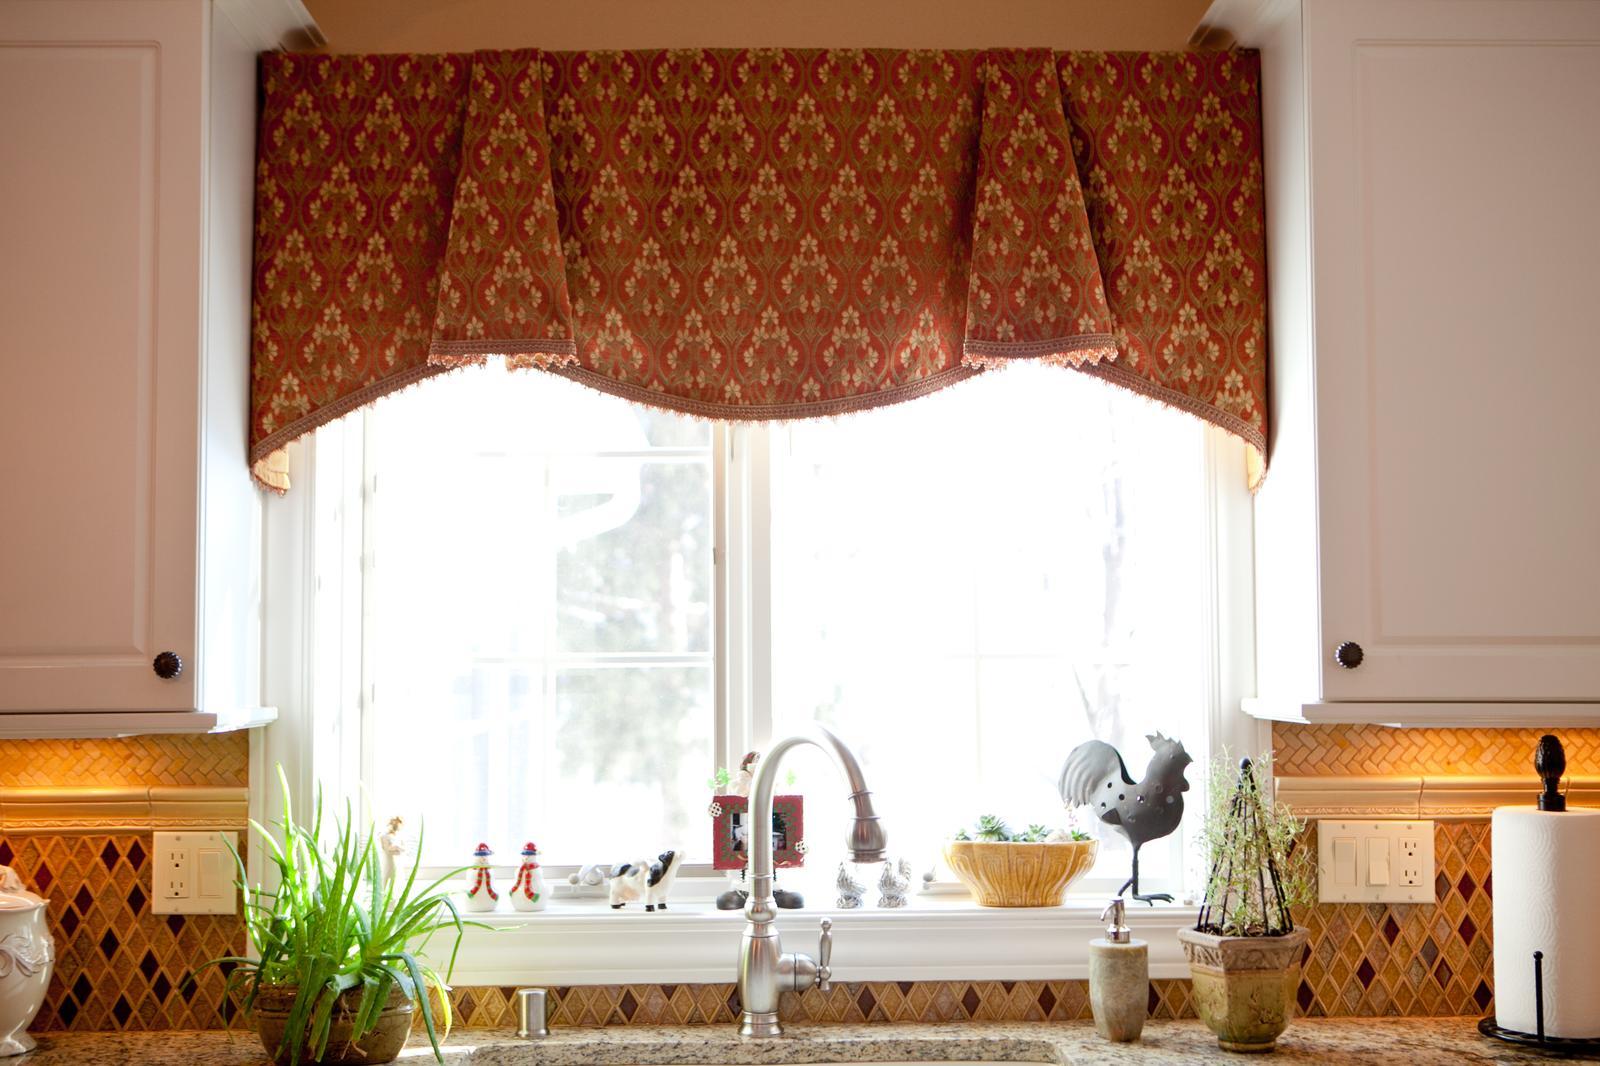 16 оригинальных идей для штор на кухне Roomble Com